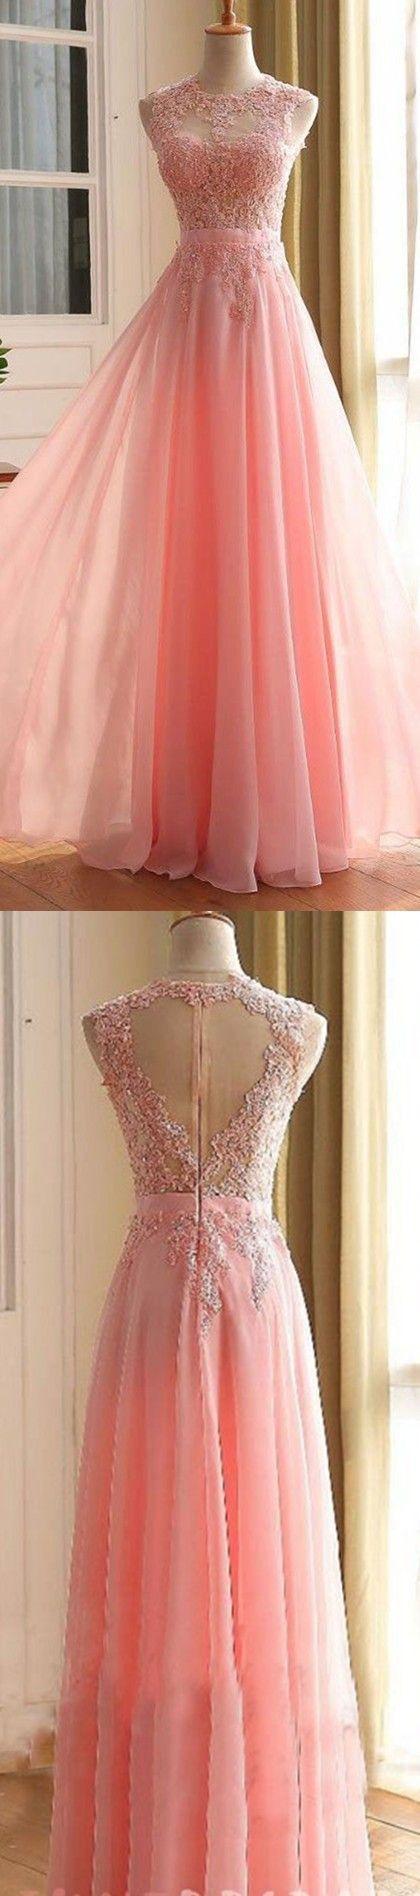 Pin de May Escub en vestidos quiero | Pinterest | Vestiditos ...